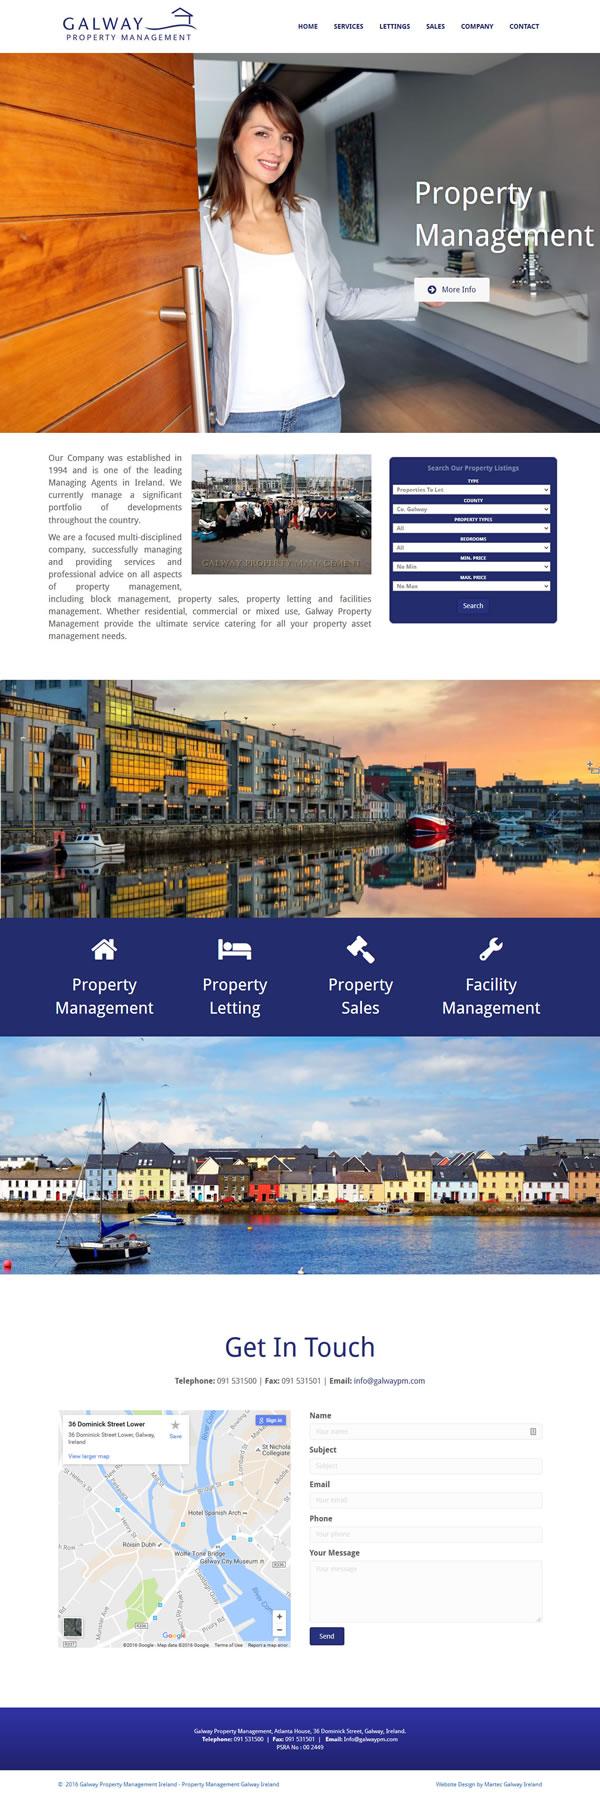 Galway Property Responsive Website Design